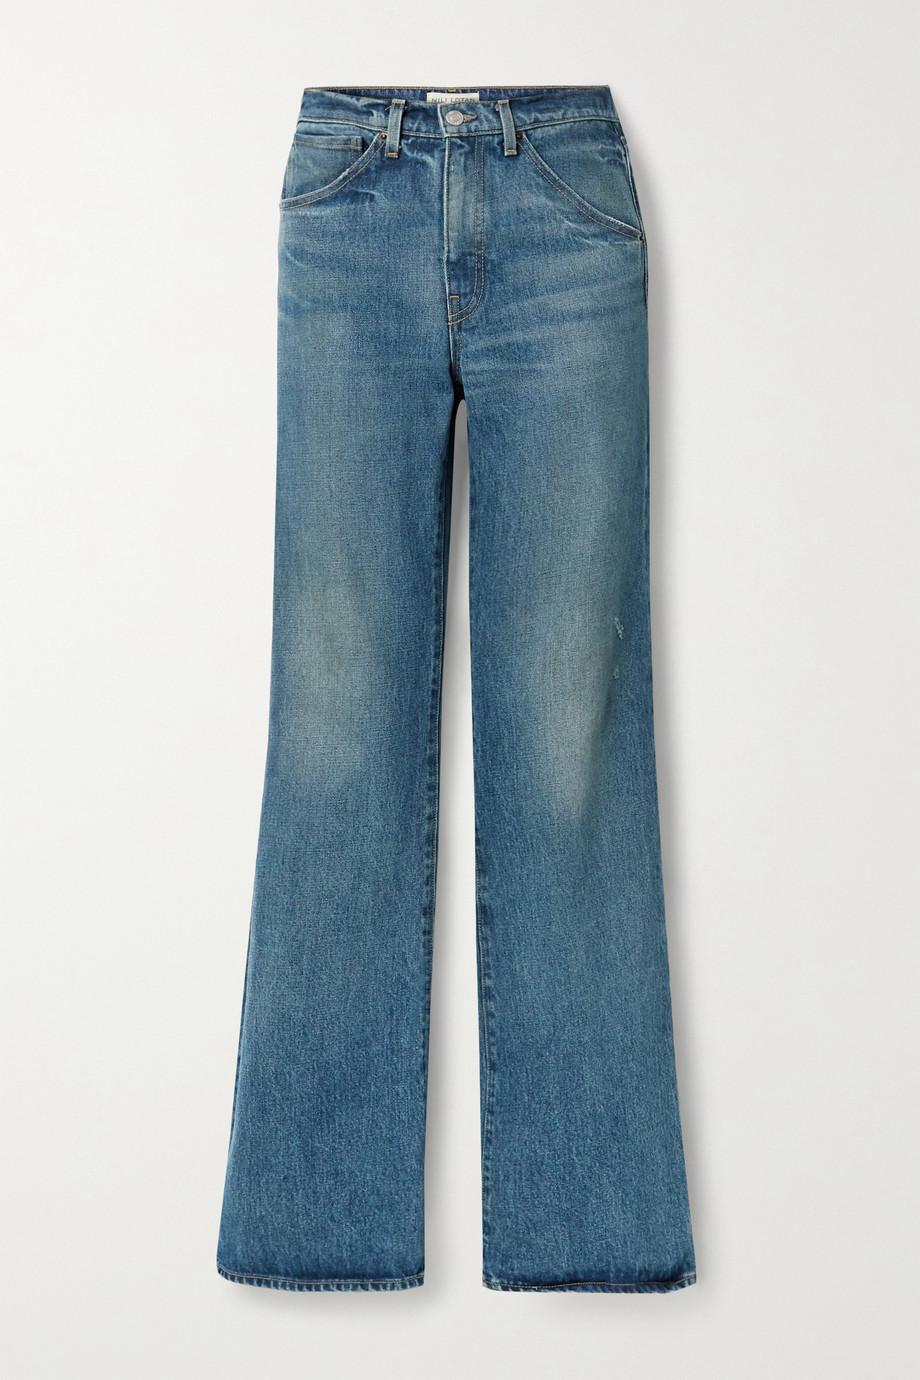 Nili Lotan Celia hoch sitzende Jeans mit geradem Bein